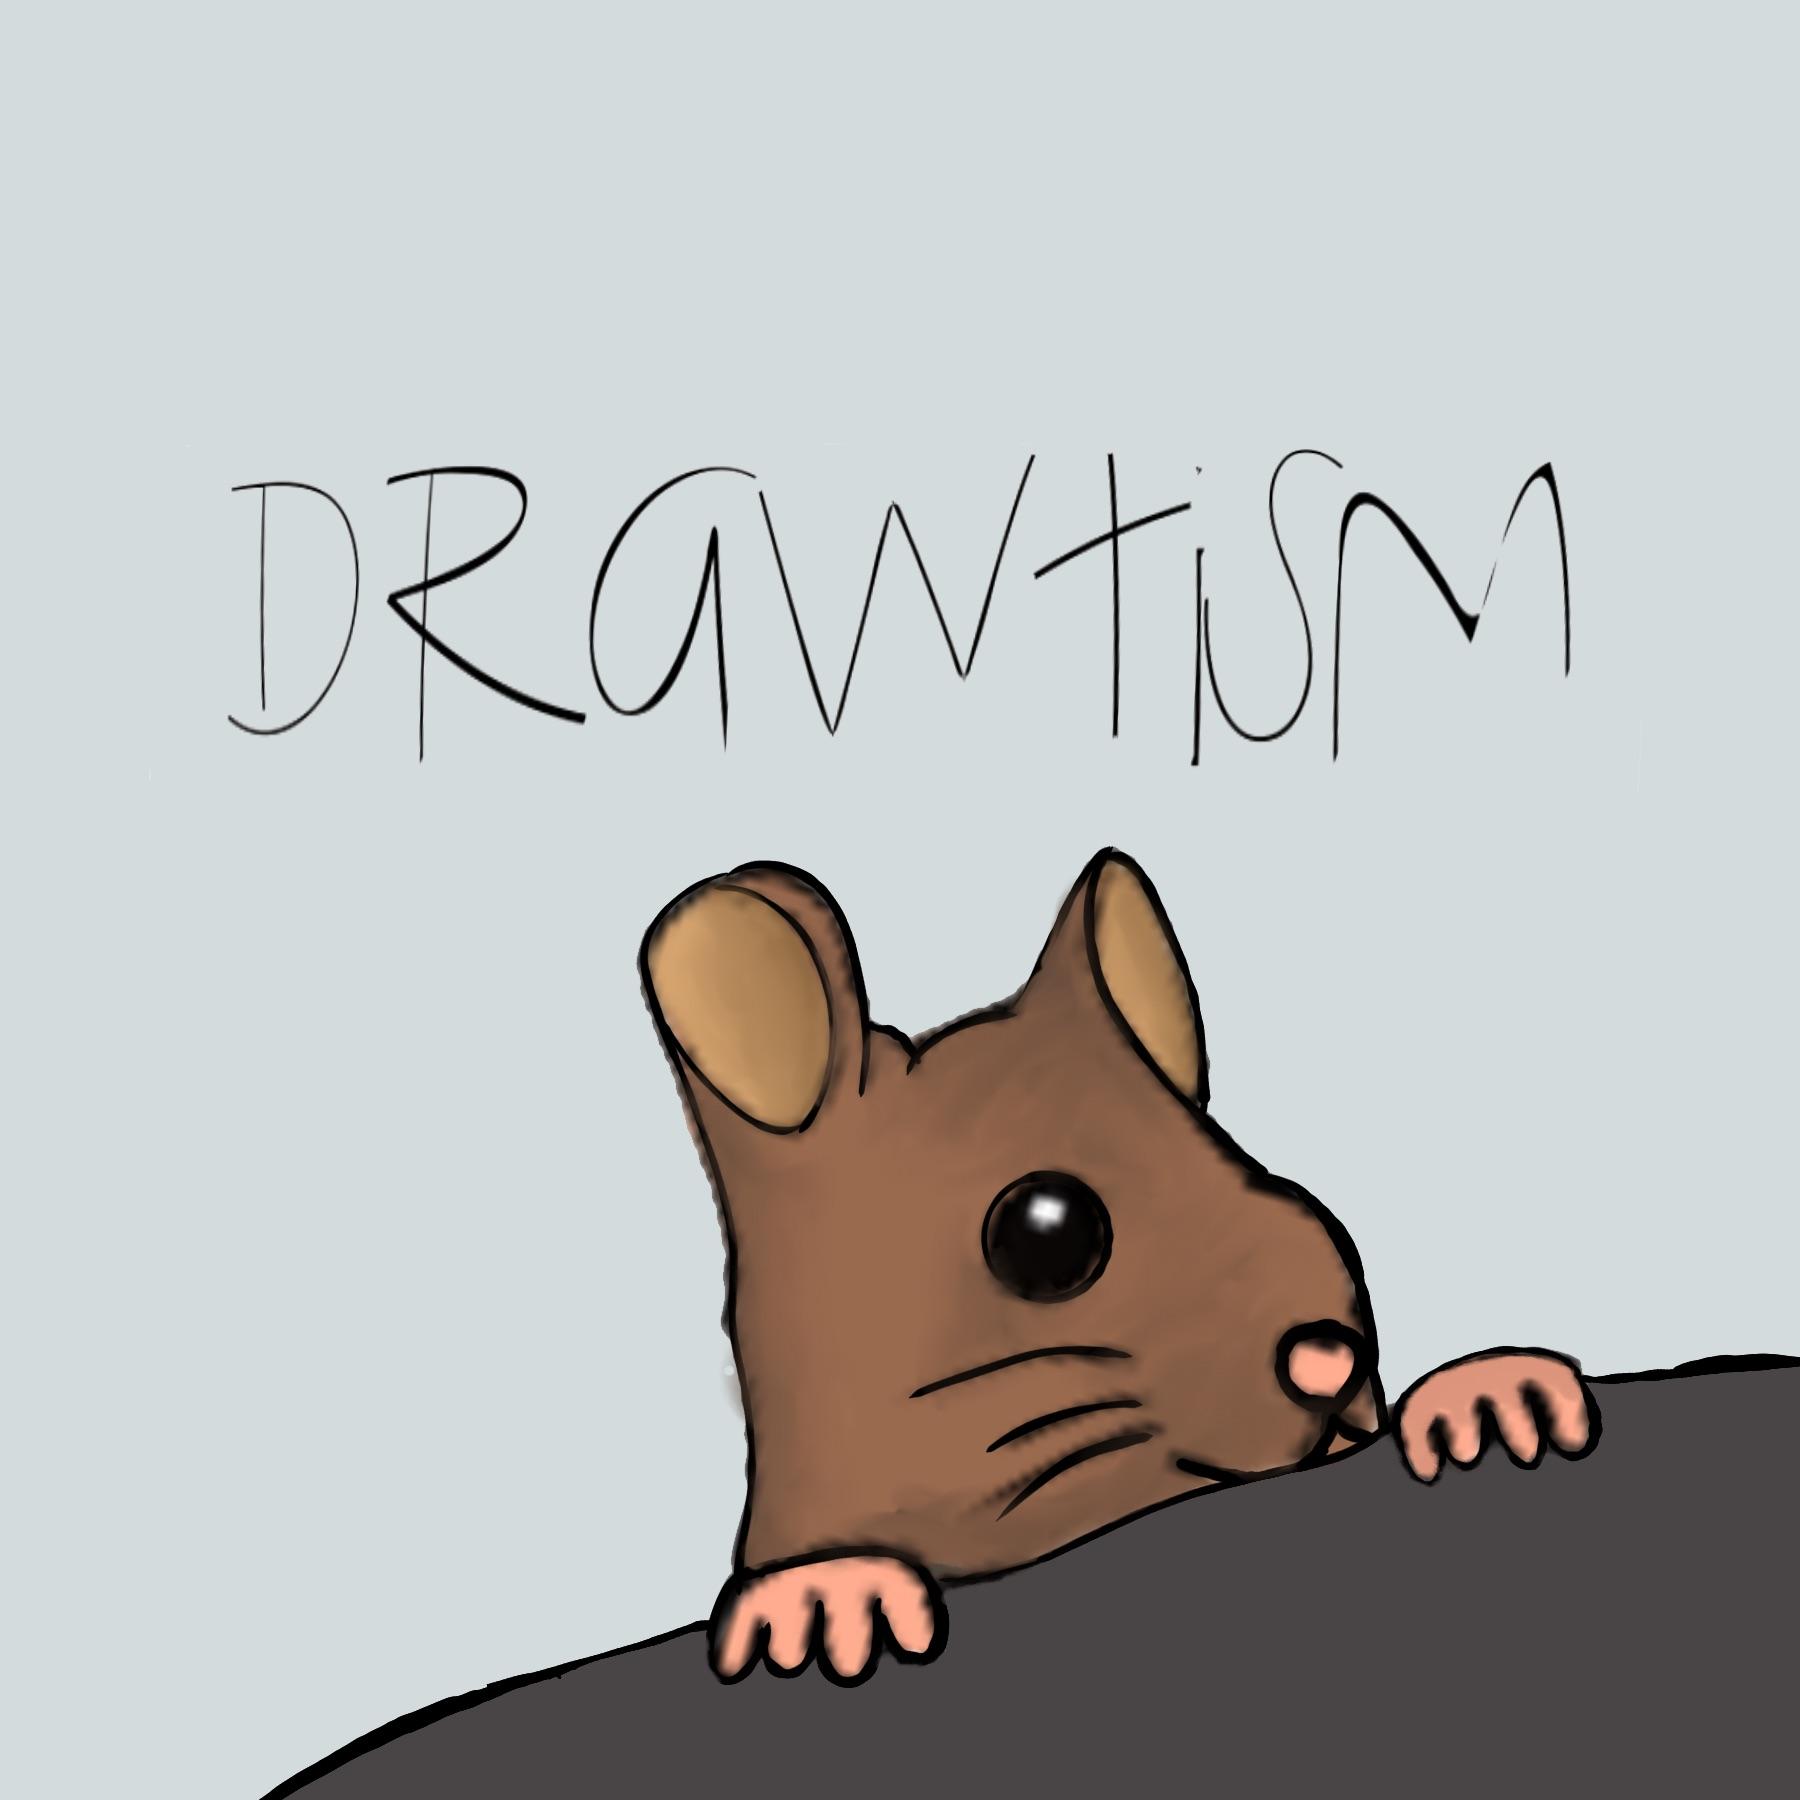 Drawtism